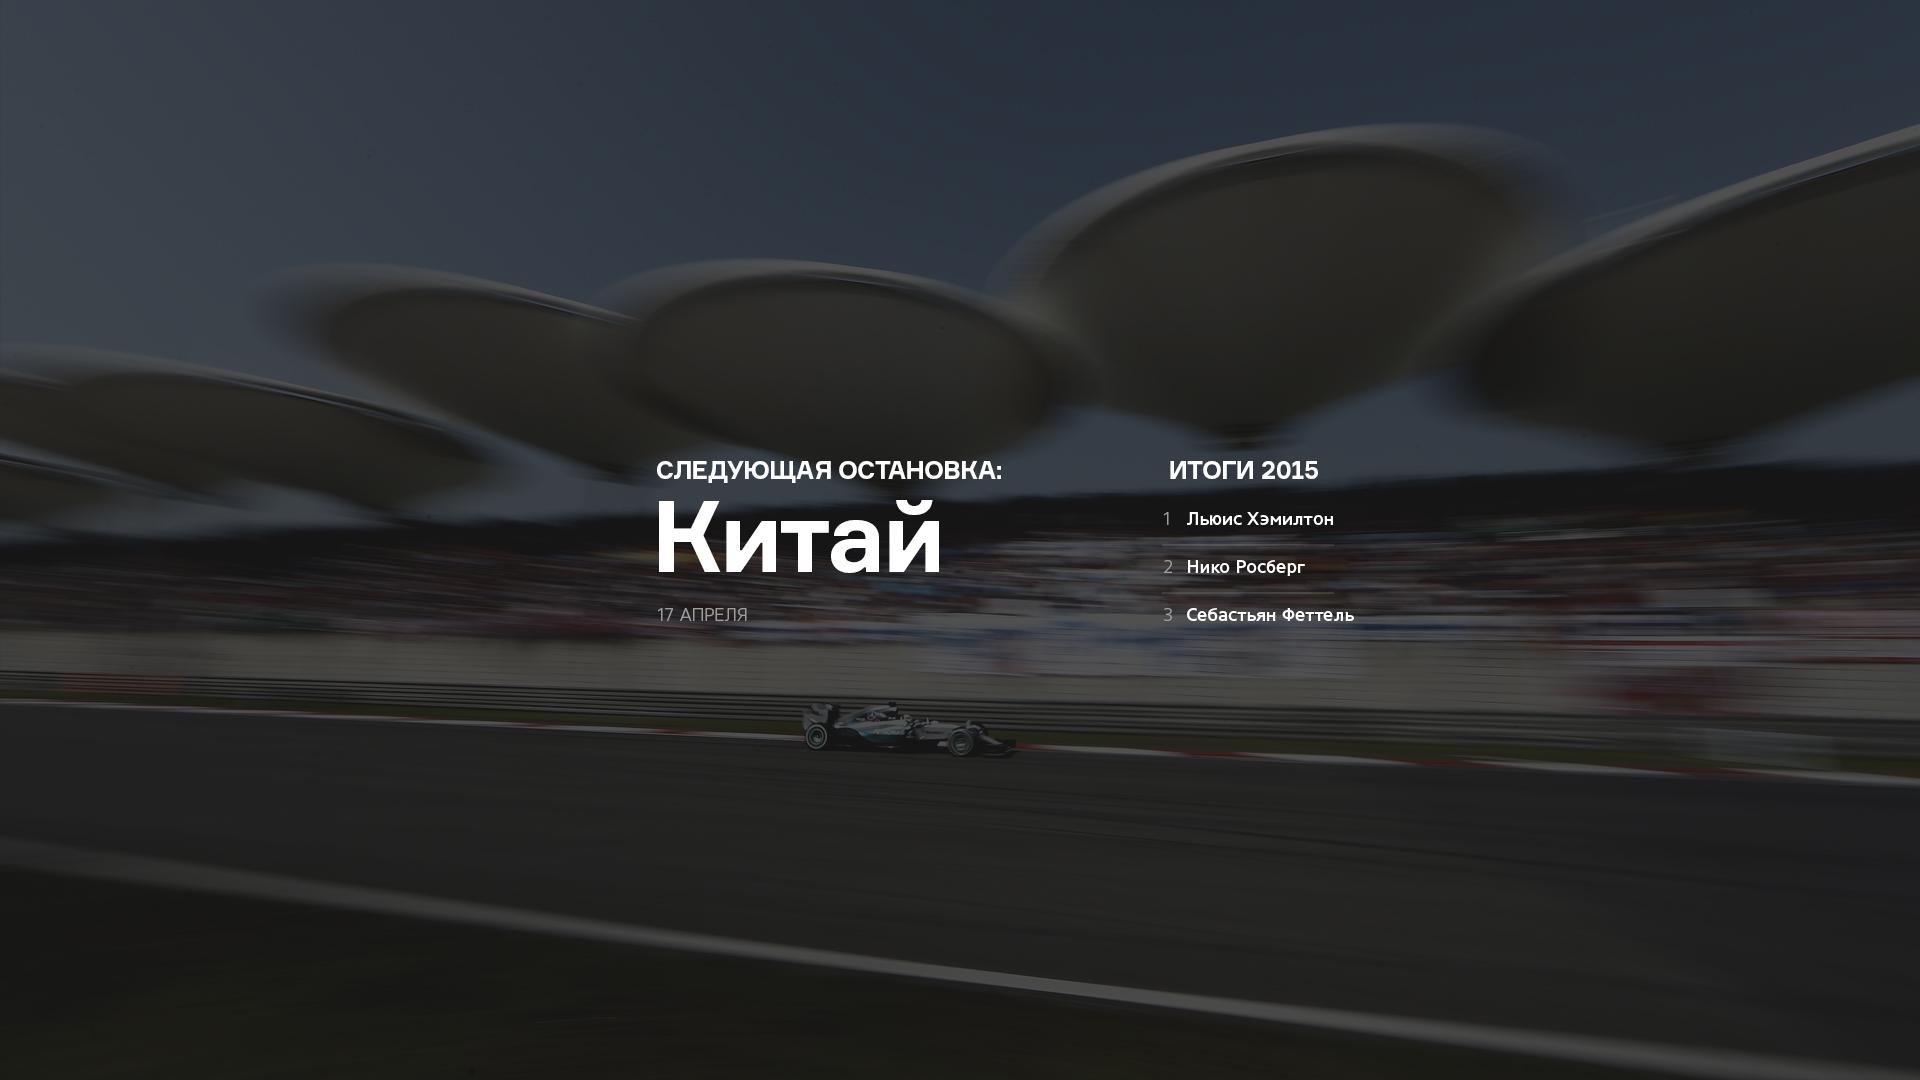 Что произошло на гонке Формулы-1 в Бахрейне. Фото 20